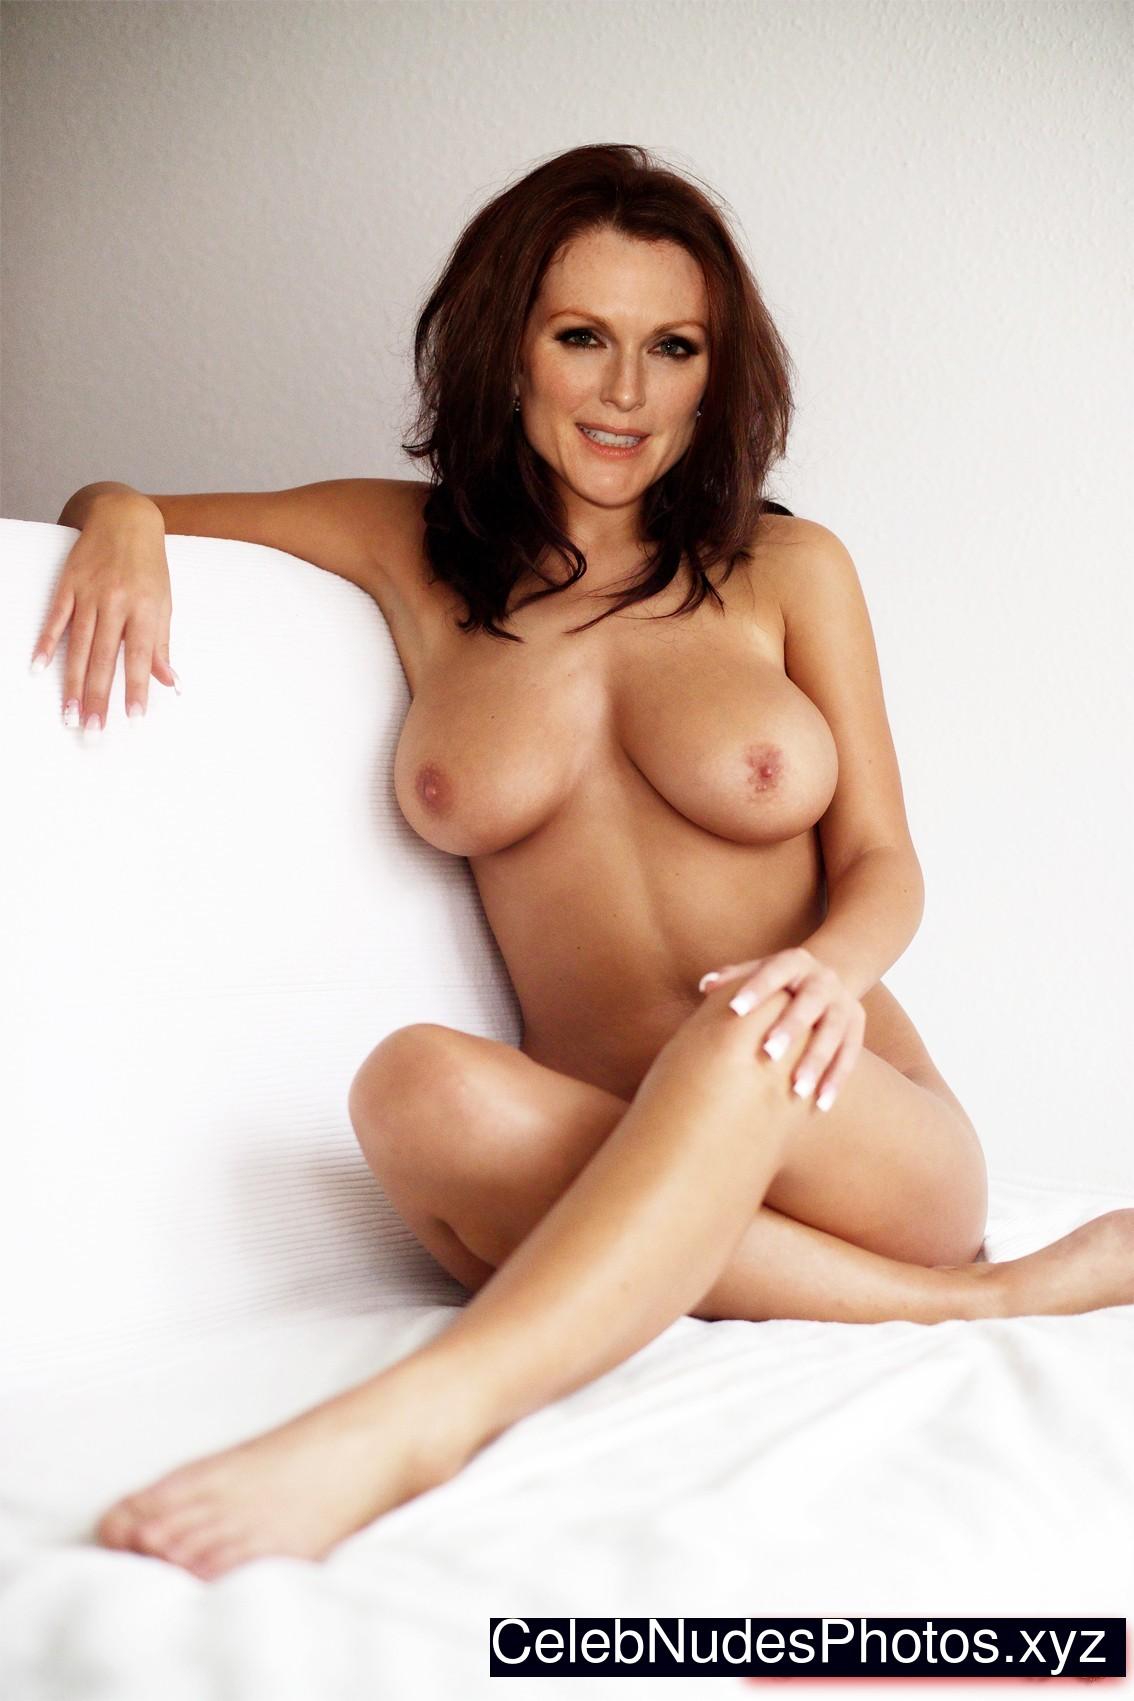 julianne moore nude movies